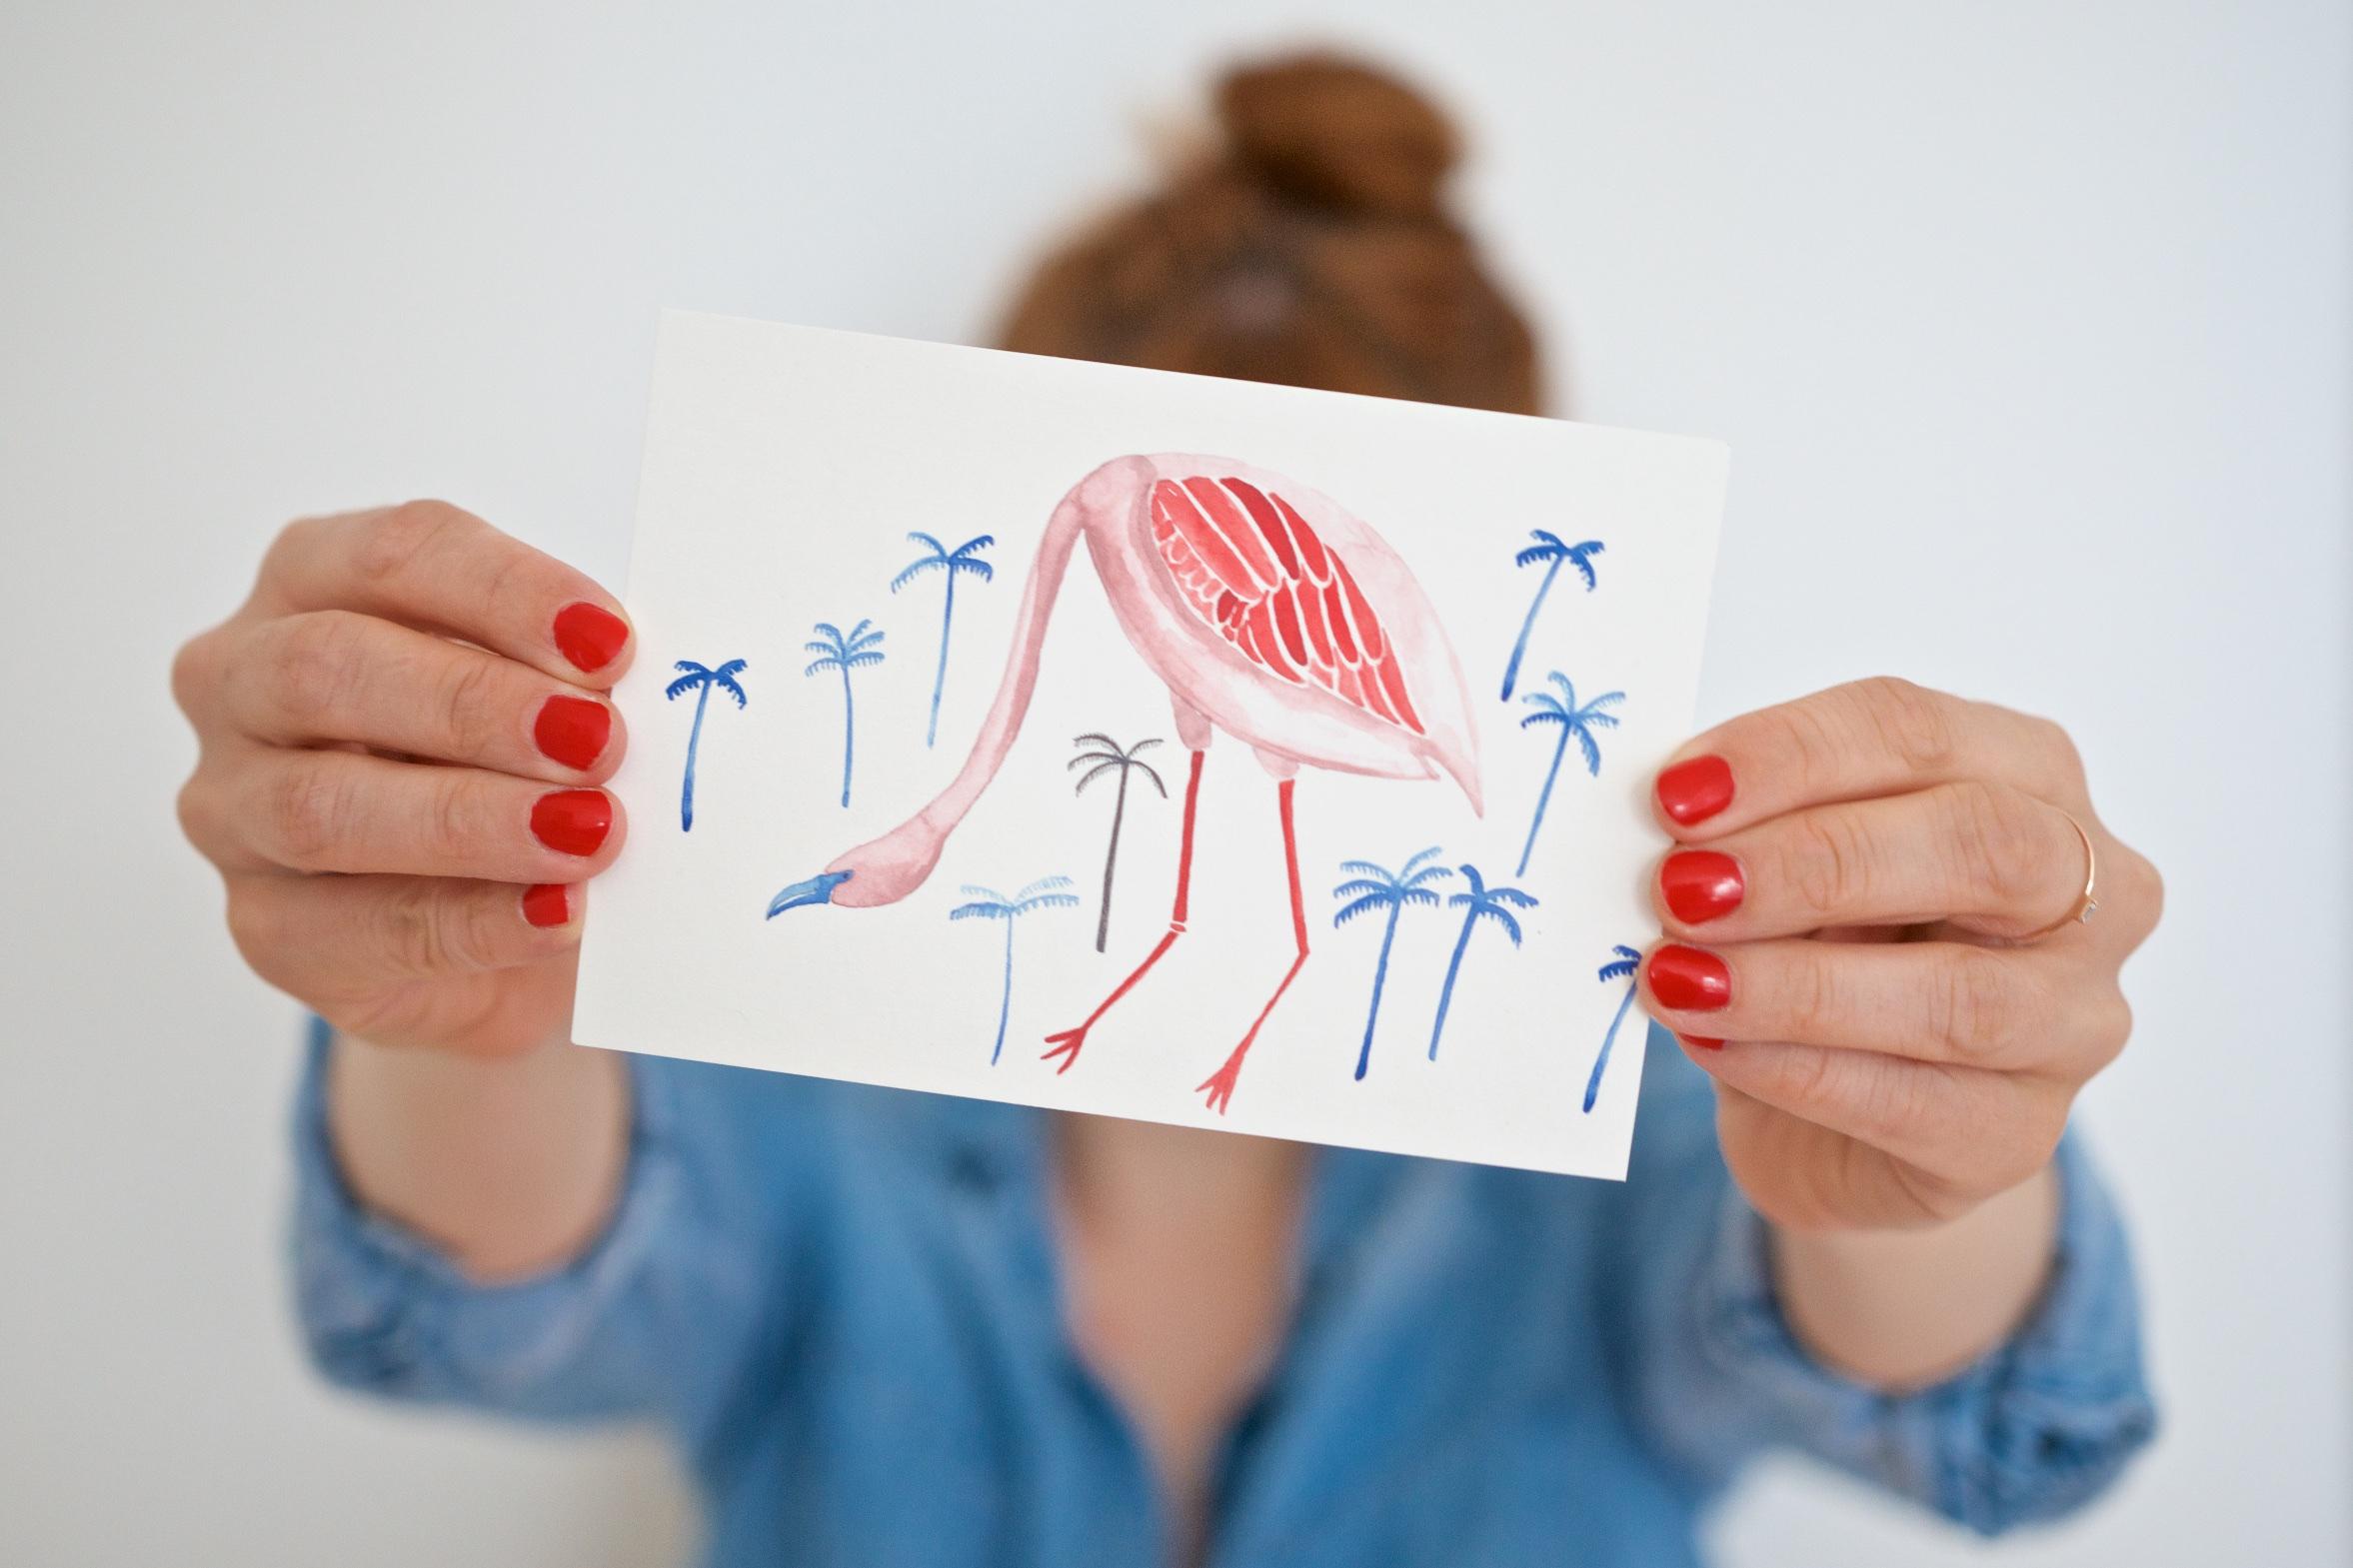 Flamingo Fieber mit Gretas Schwester | Pinkepank